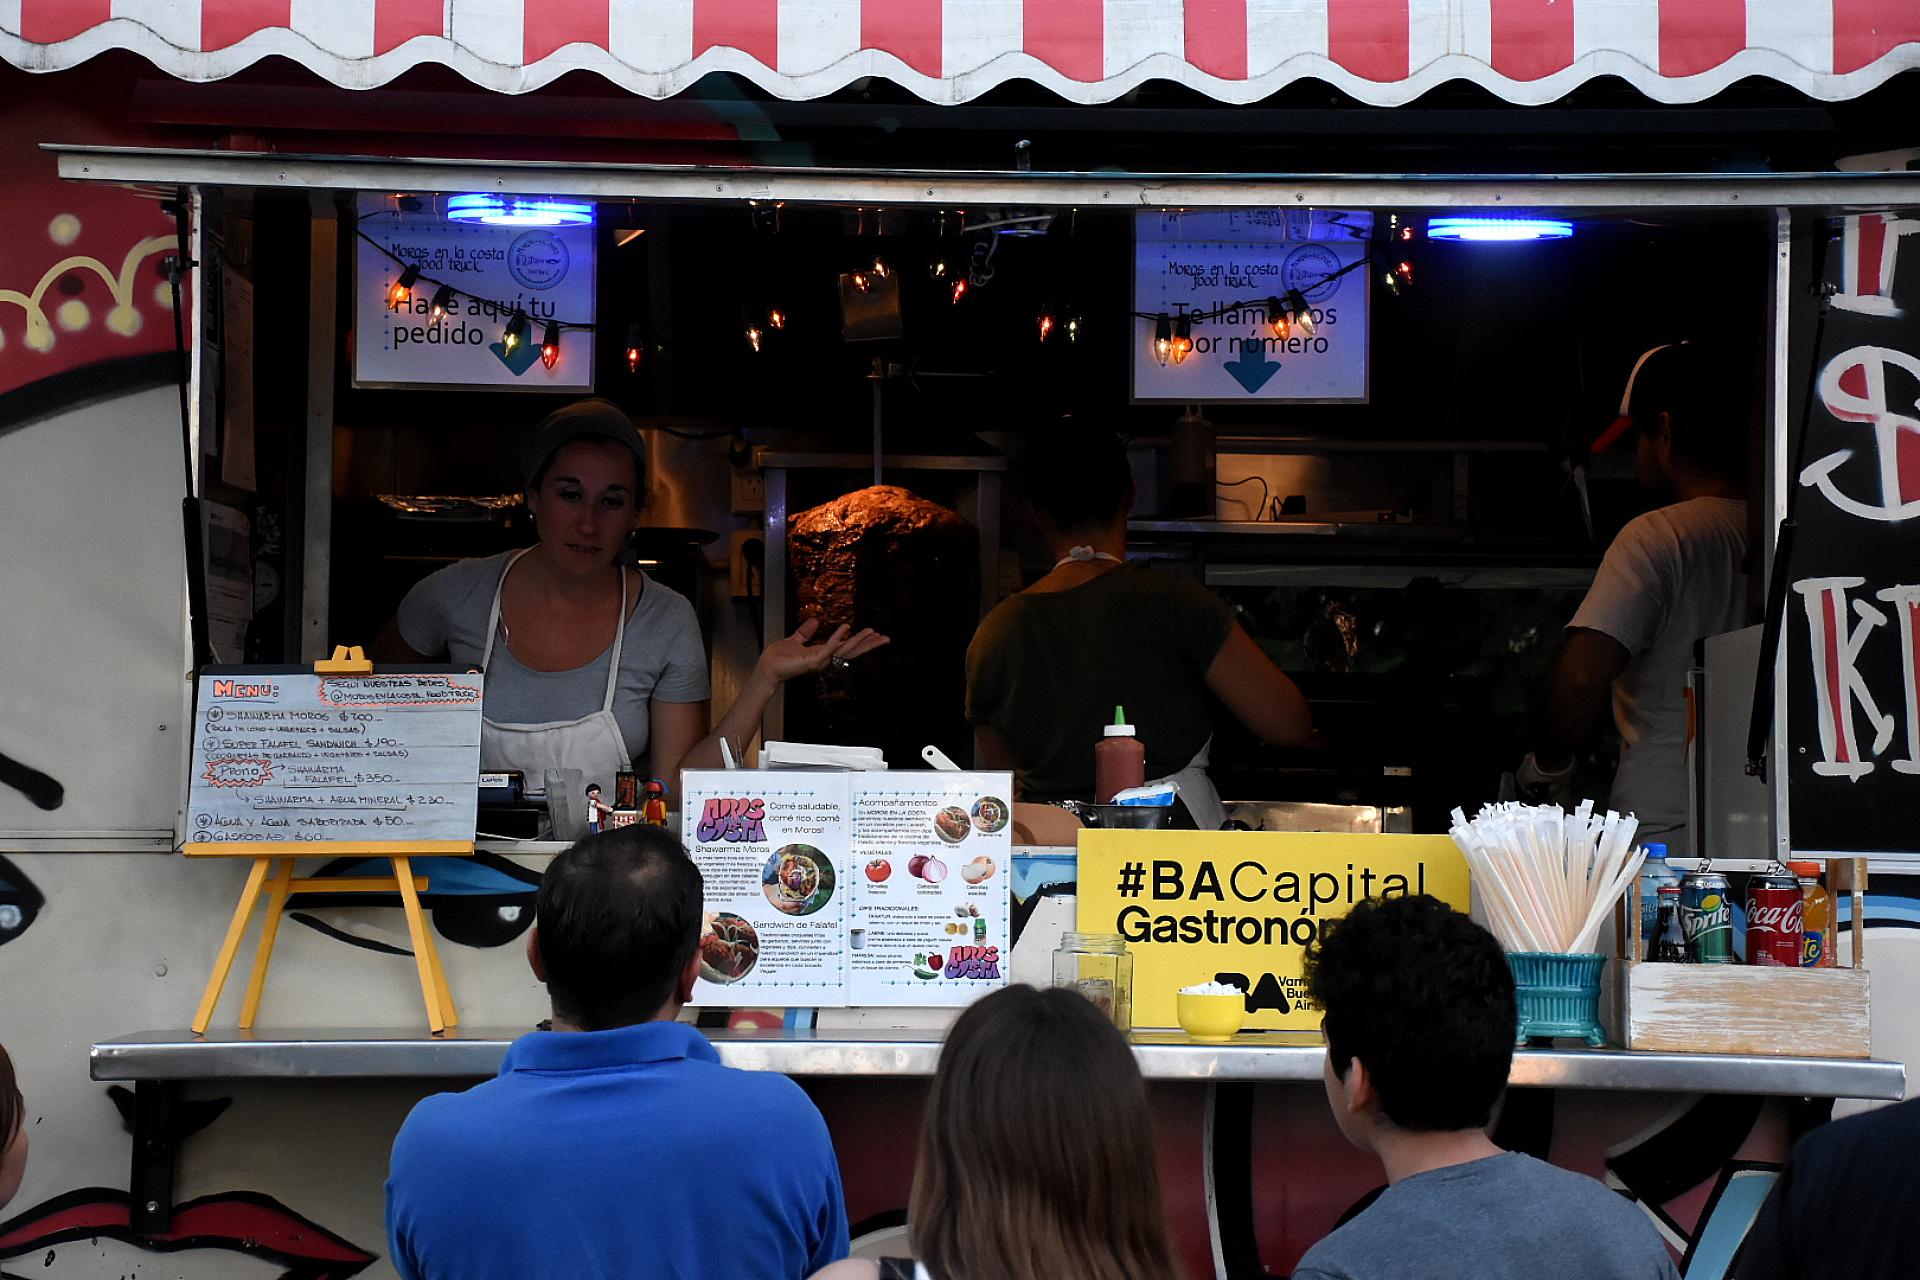 Una gran variedad de foodtrucks con diversas propuestas gastronómicas complementa la atractiva propuesta para el público